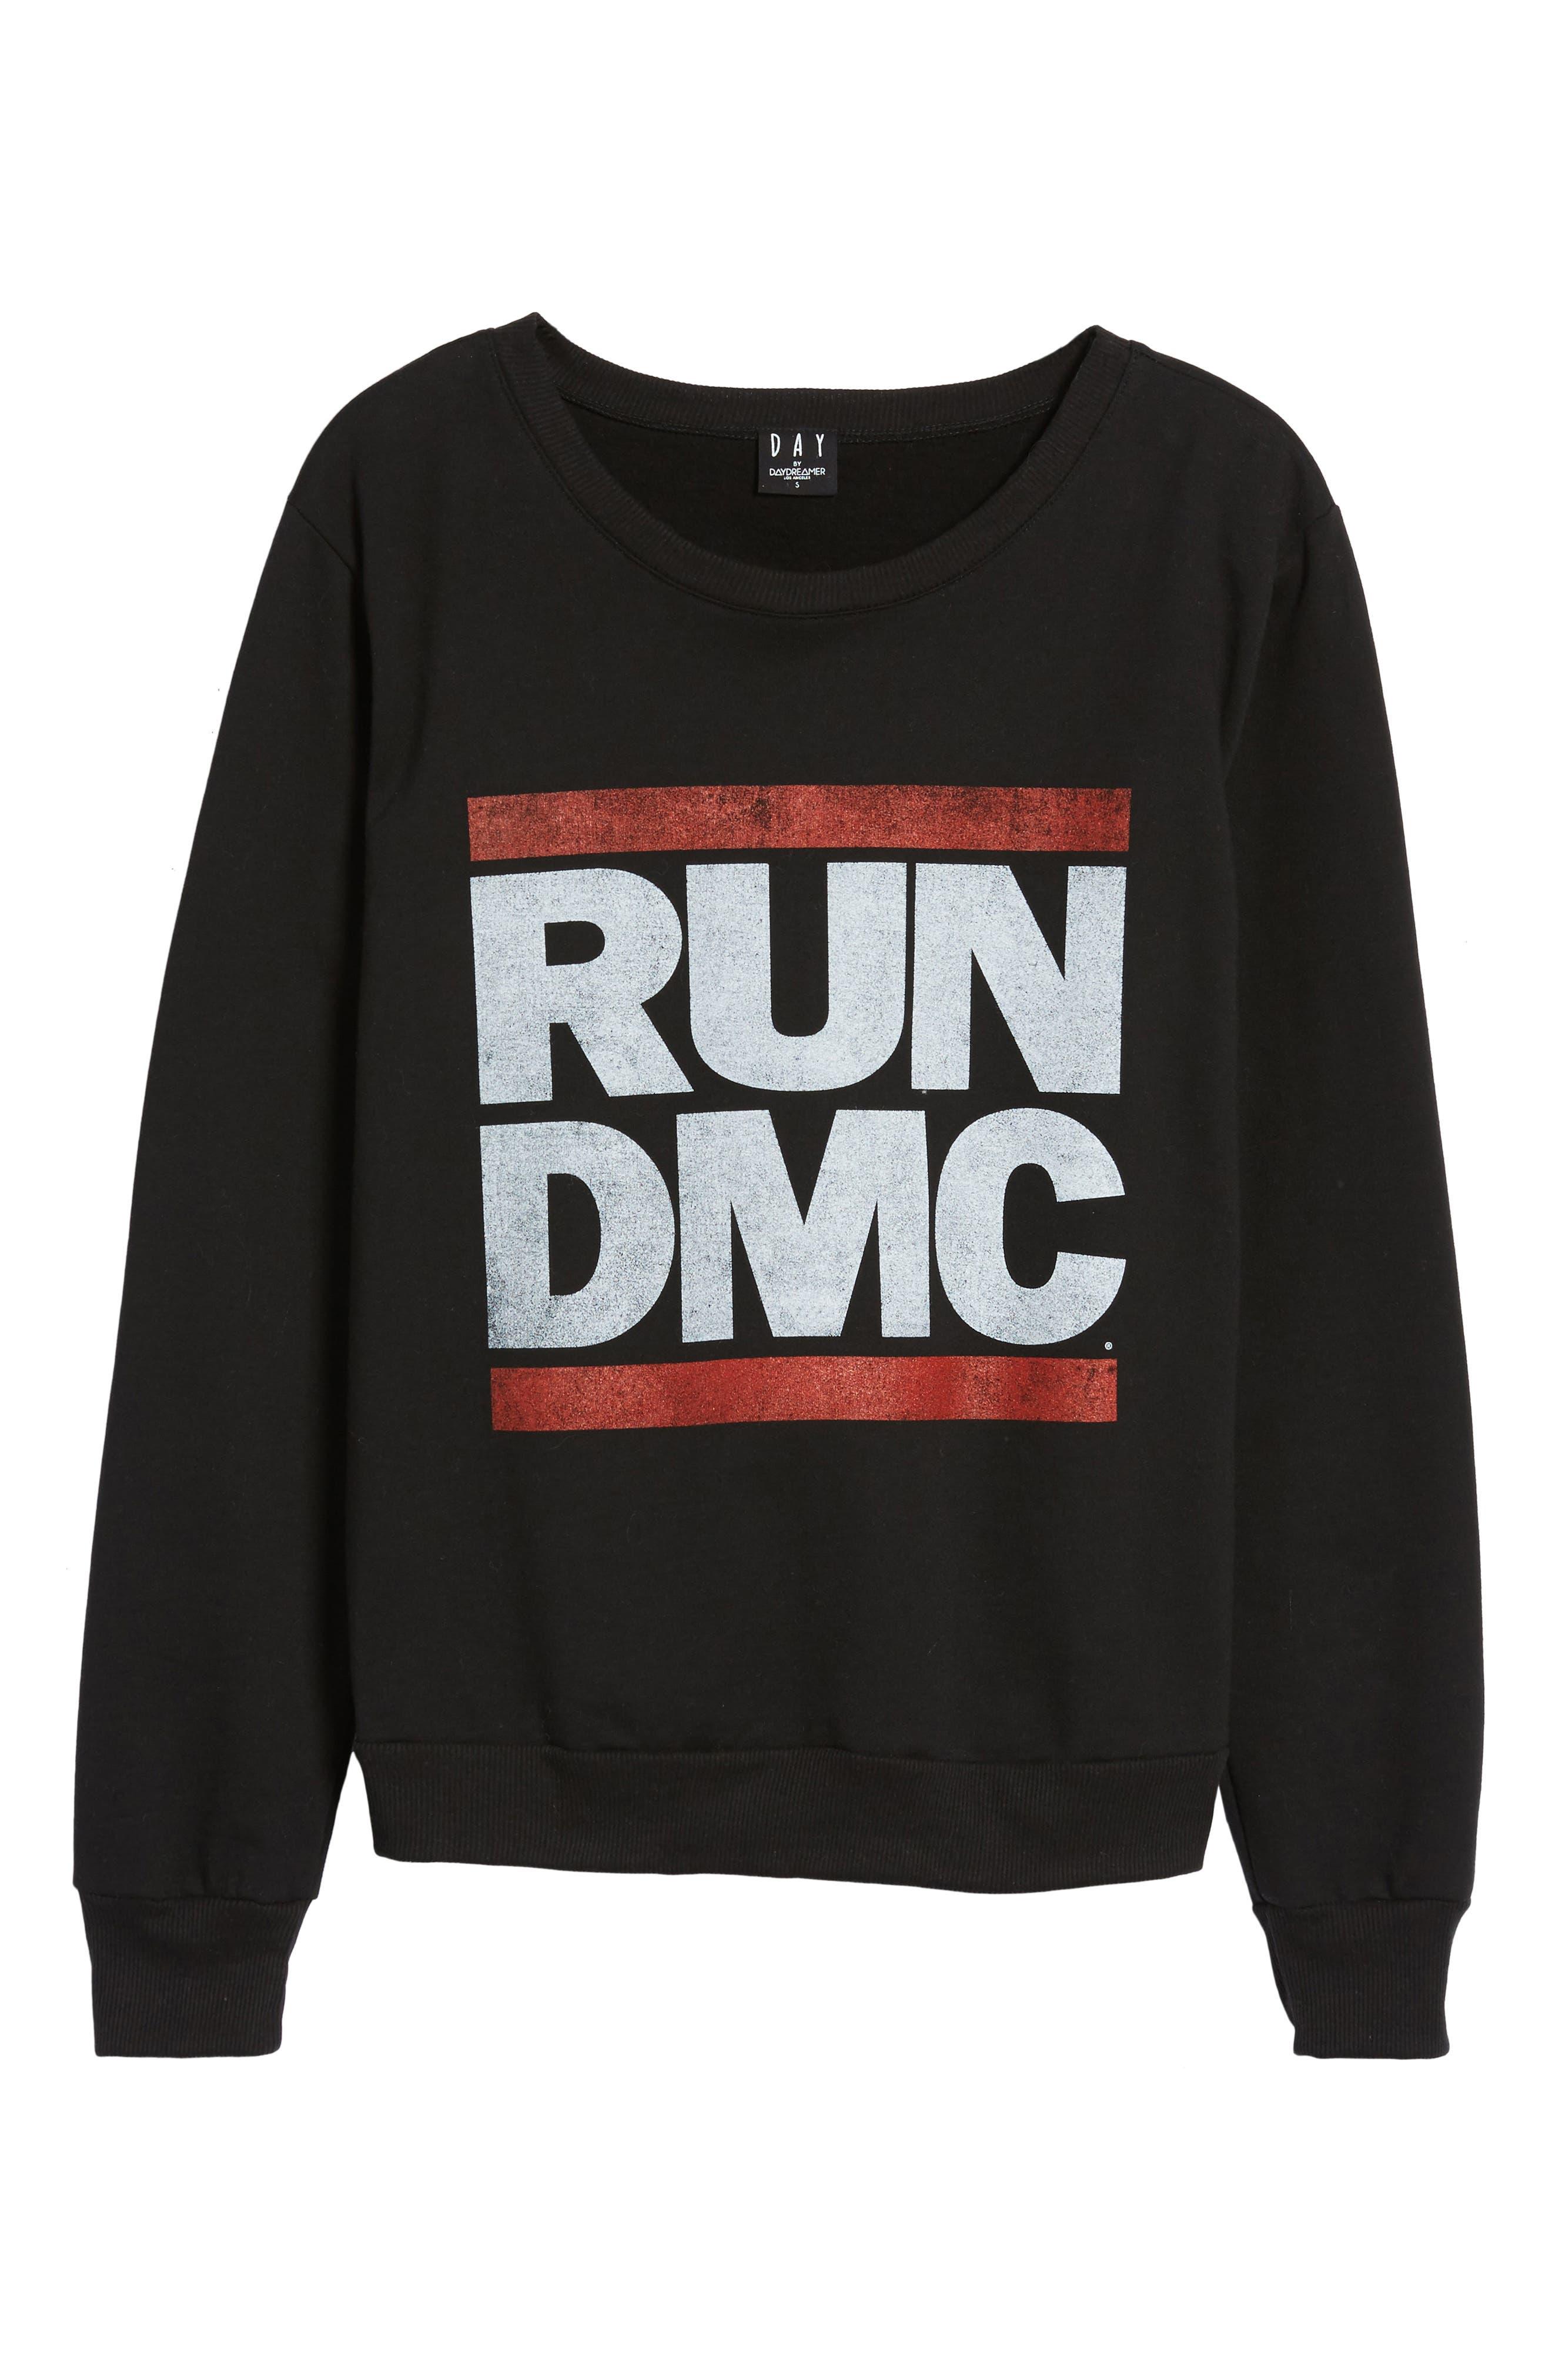 Run-DMC Sweatshirt,                             Alternate thumbnail 6, color,                             001